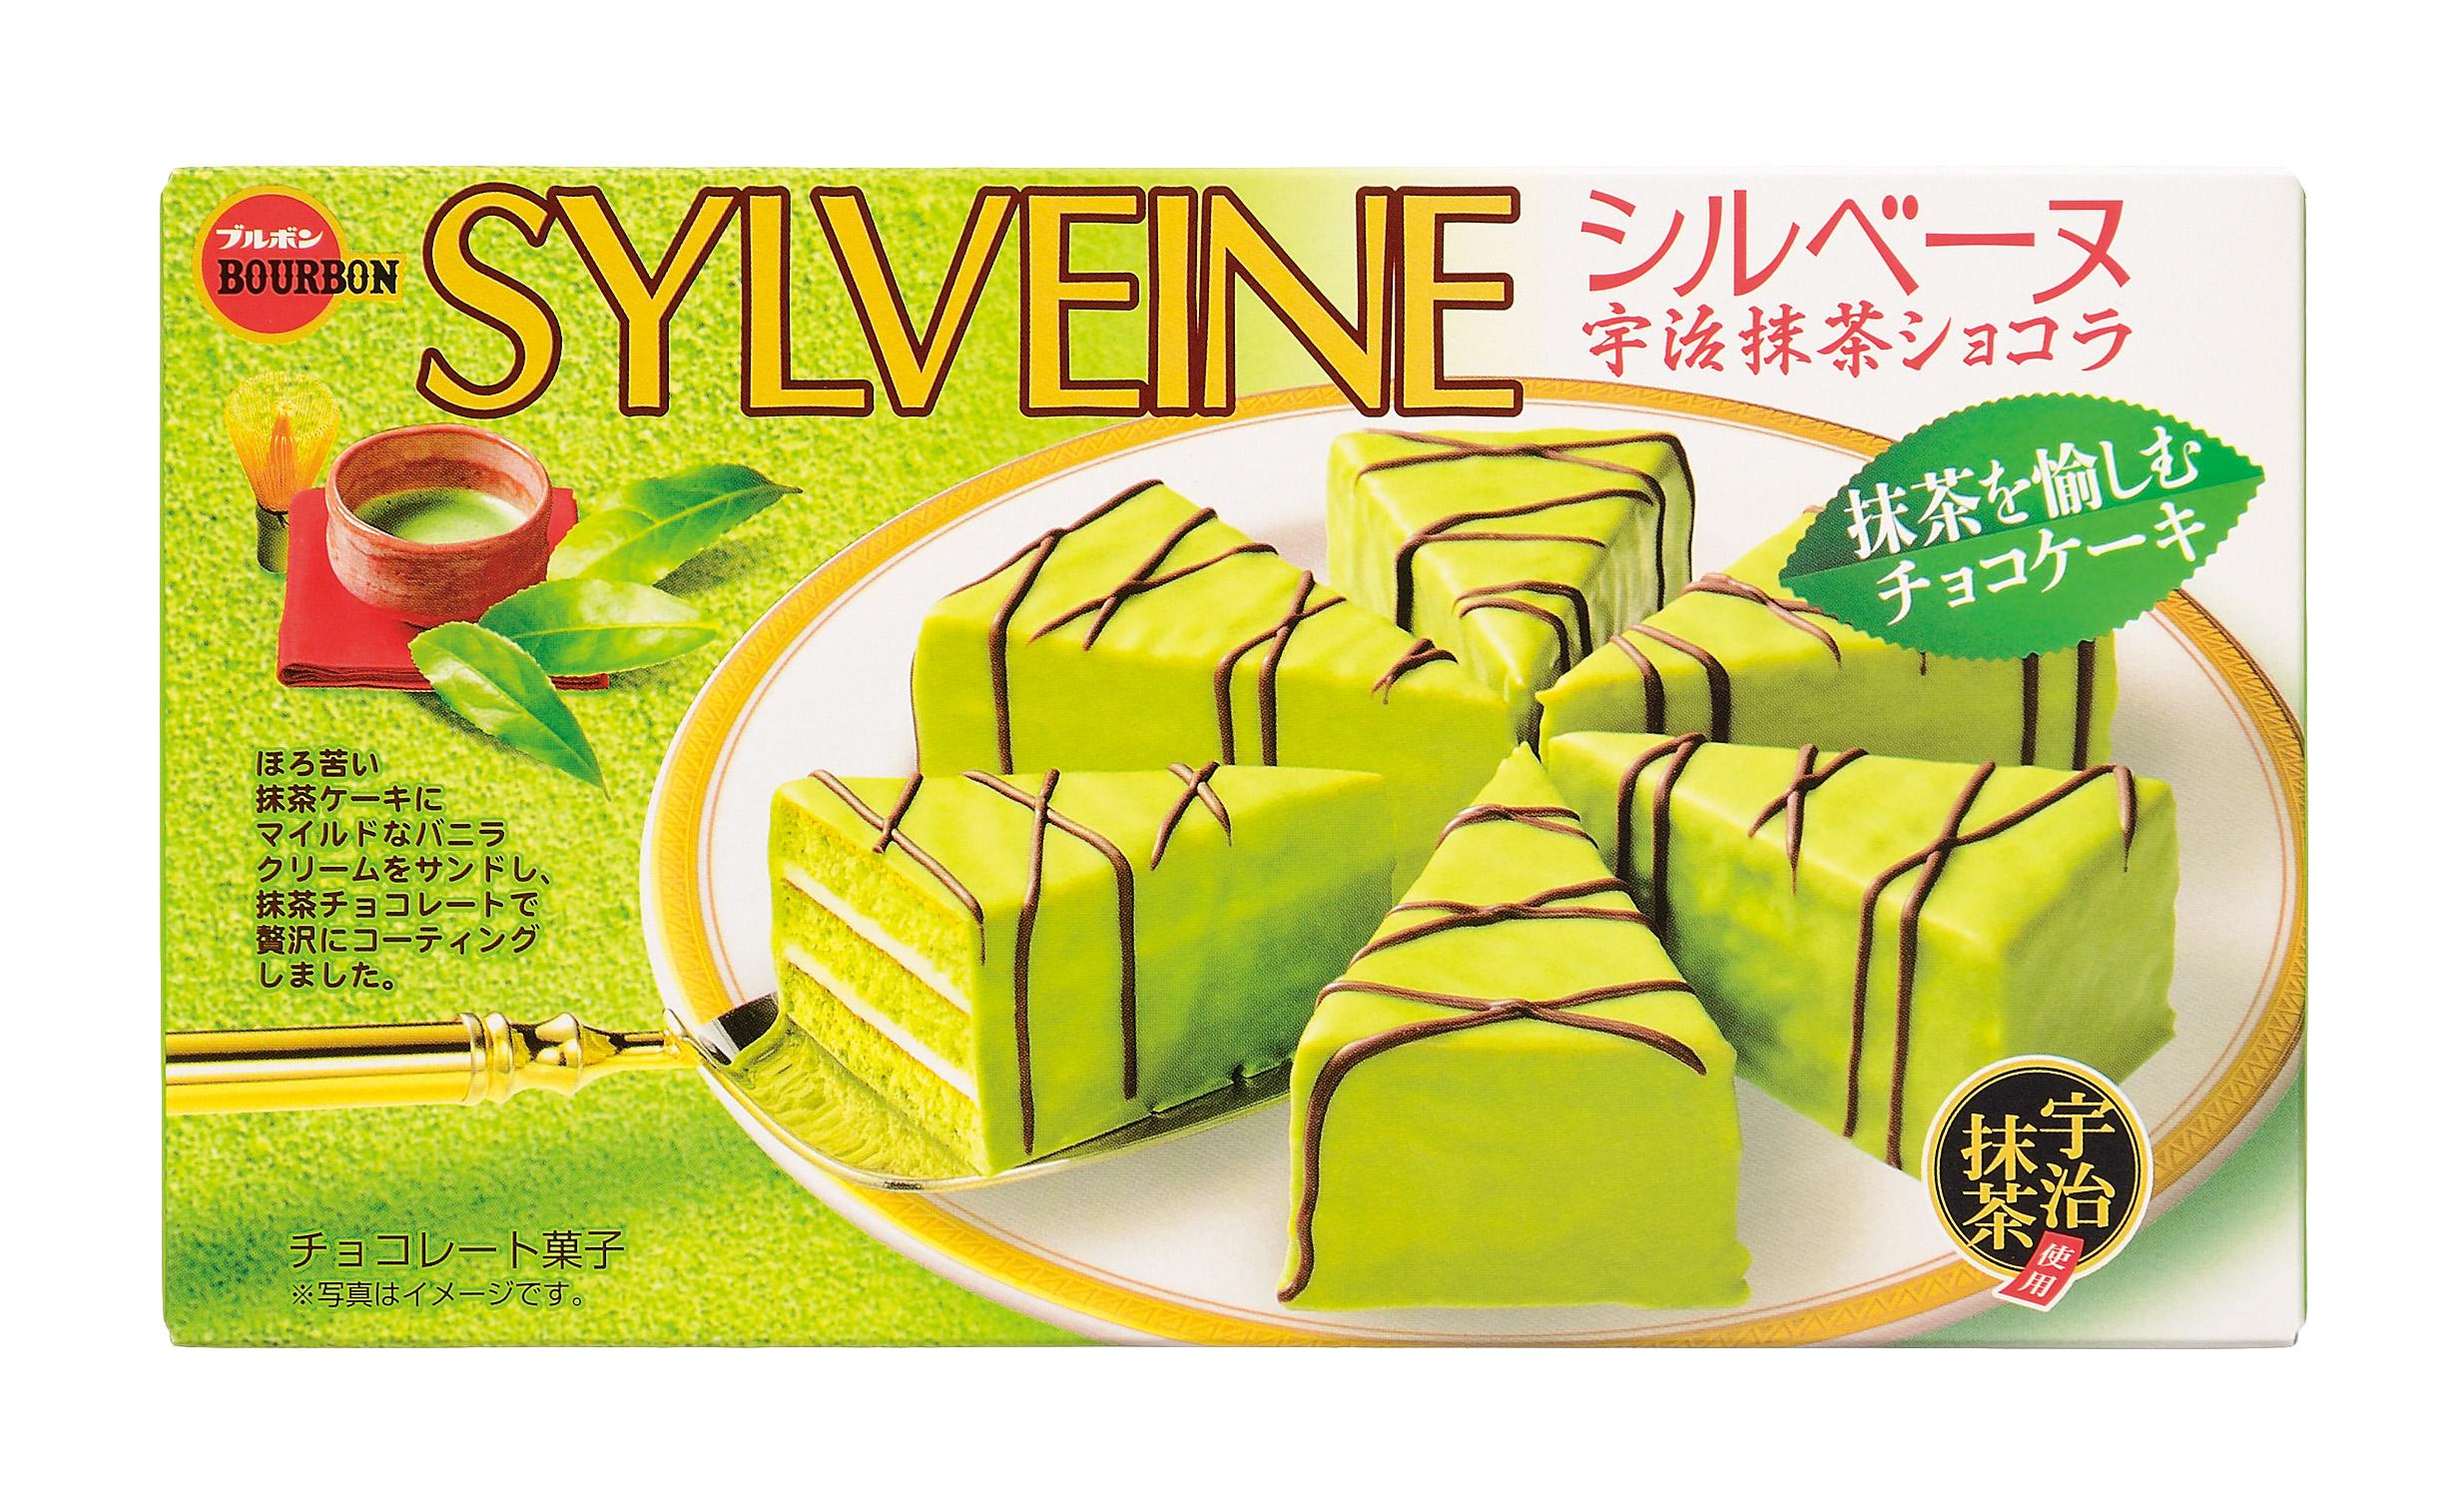 【速報】日本国民がガチで選ぶ「お菓子総選挙」 1位はじゃがりこ(サラダ) カルビー無双過ぎワロタァ! [無断転載禁止]©2ch.netYouTube動画>2本 ->画像>82枚